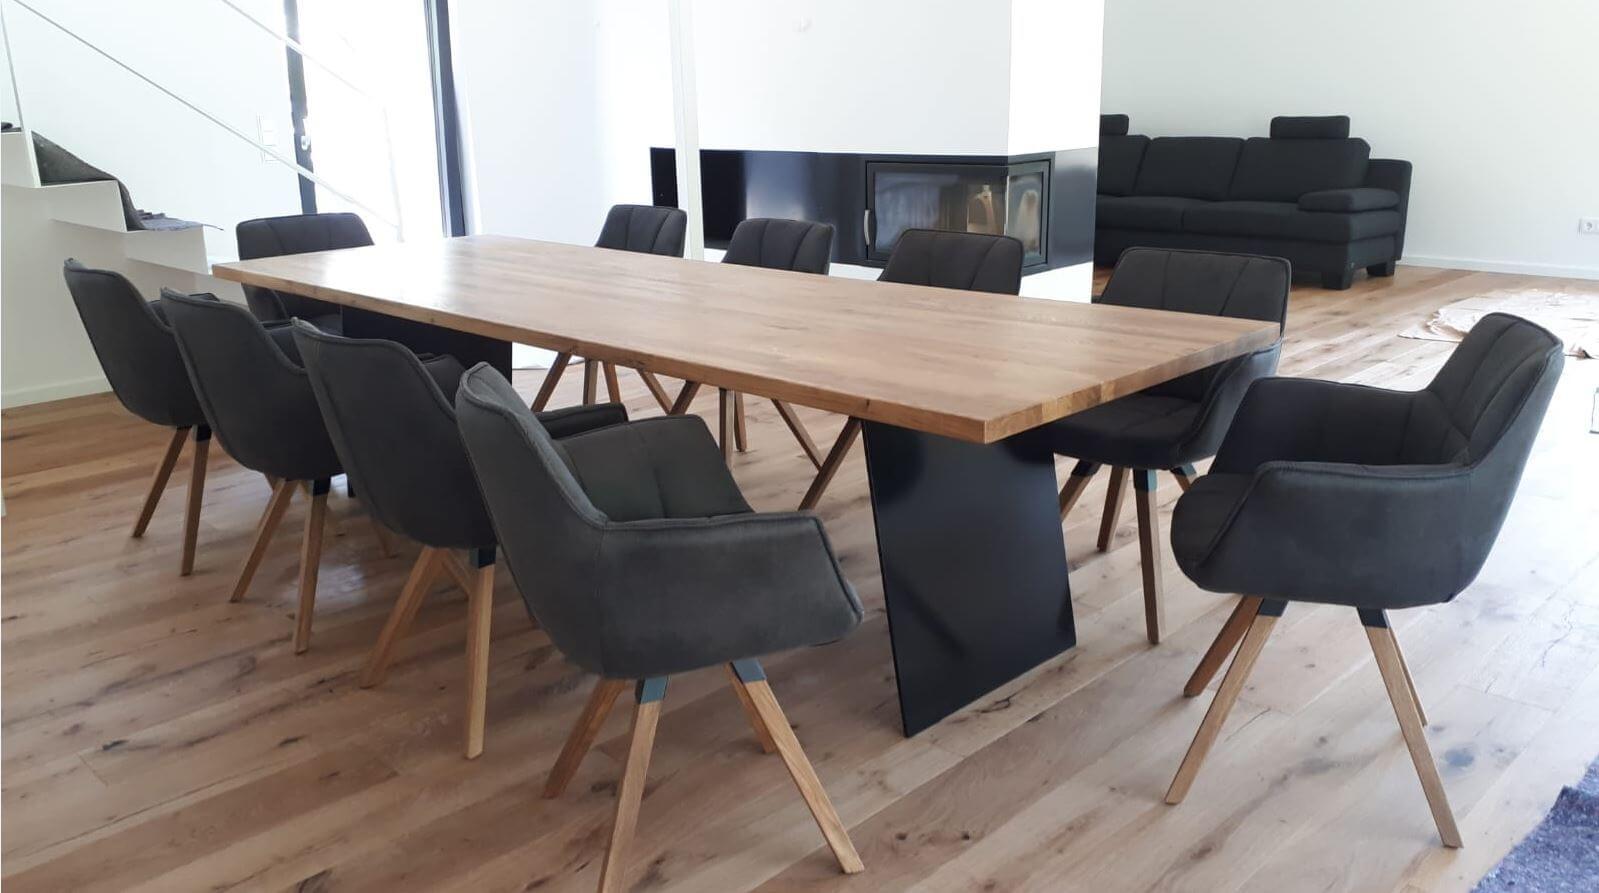 Bank Tisch-Gruppe Individuell gefertigt, Unterbau Stahl